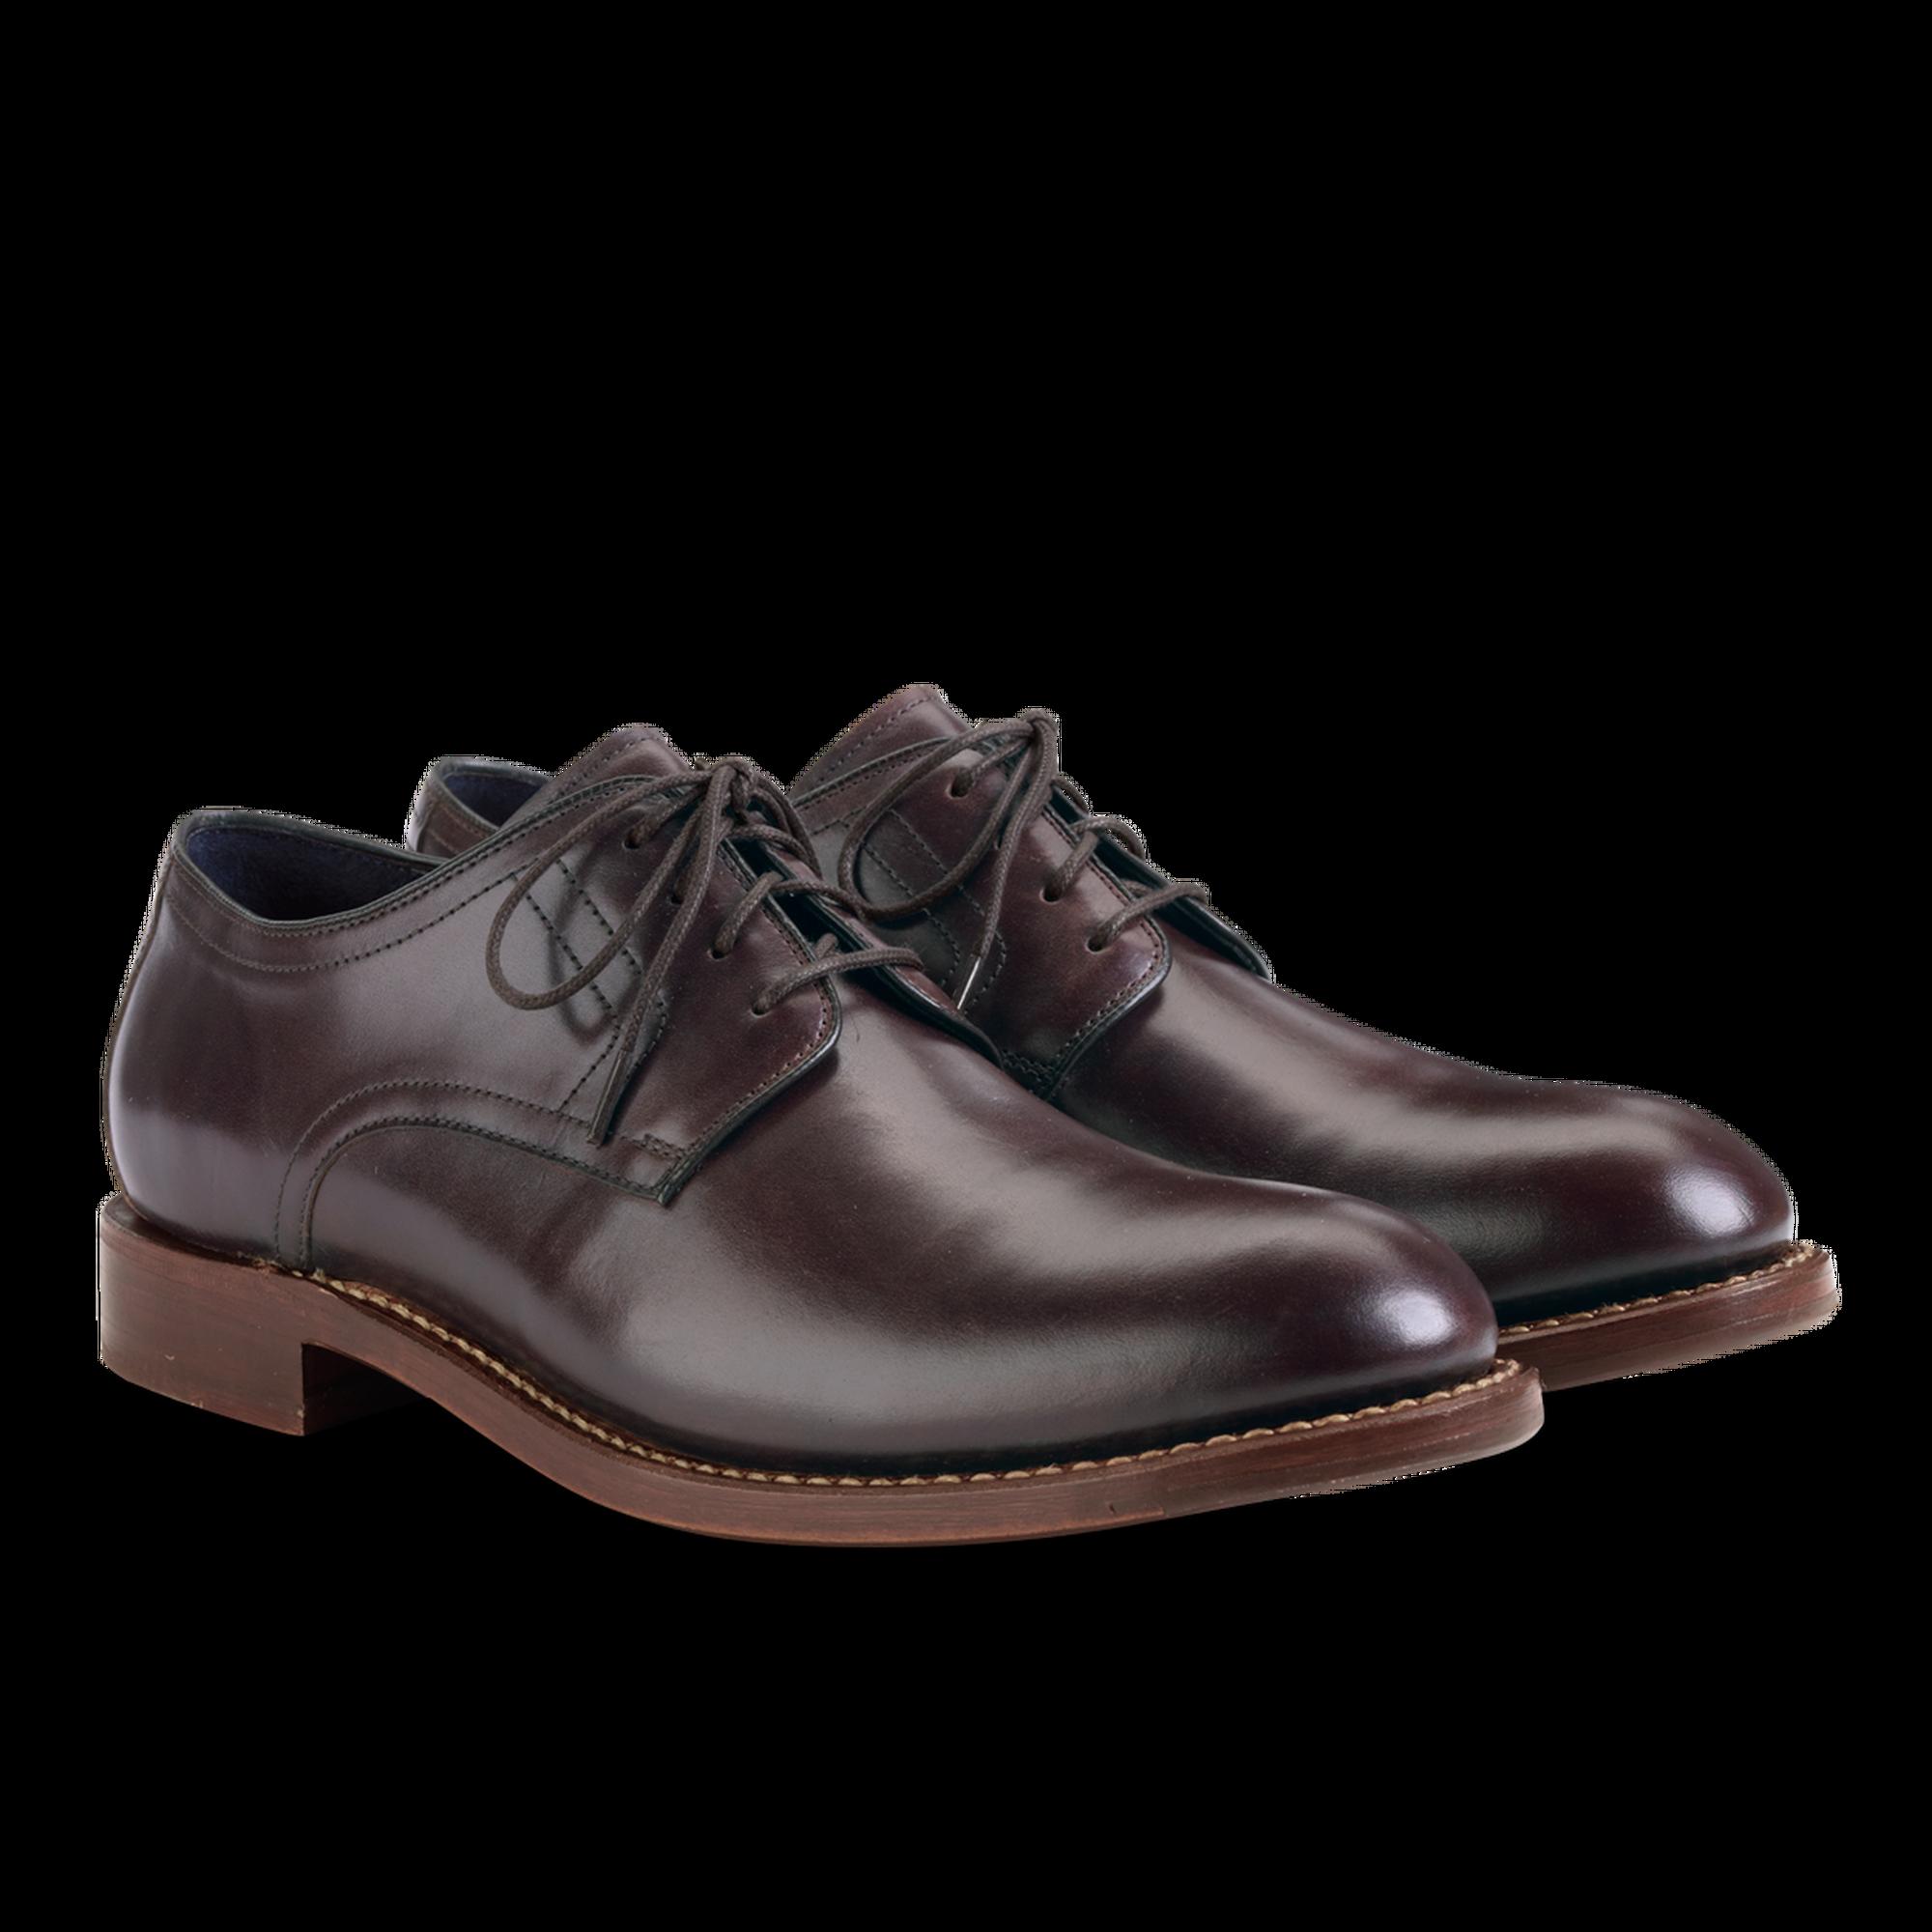 Cole Haan Plain Oxford  Men Shoes